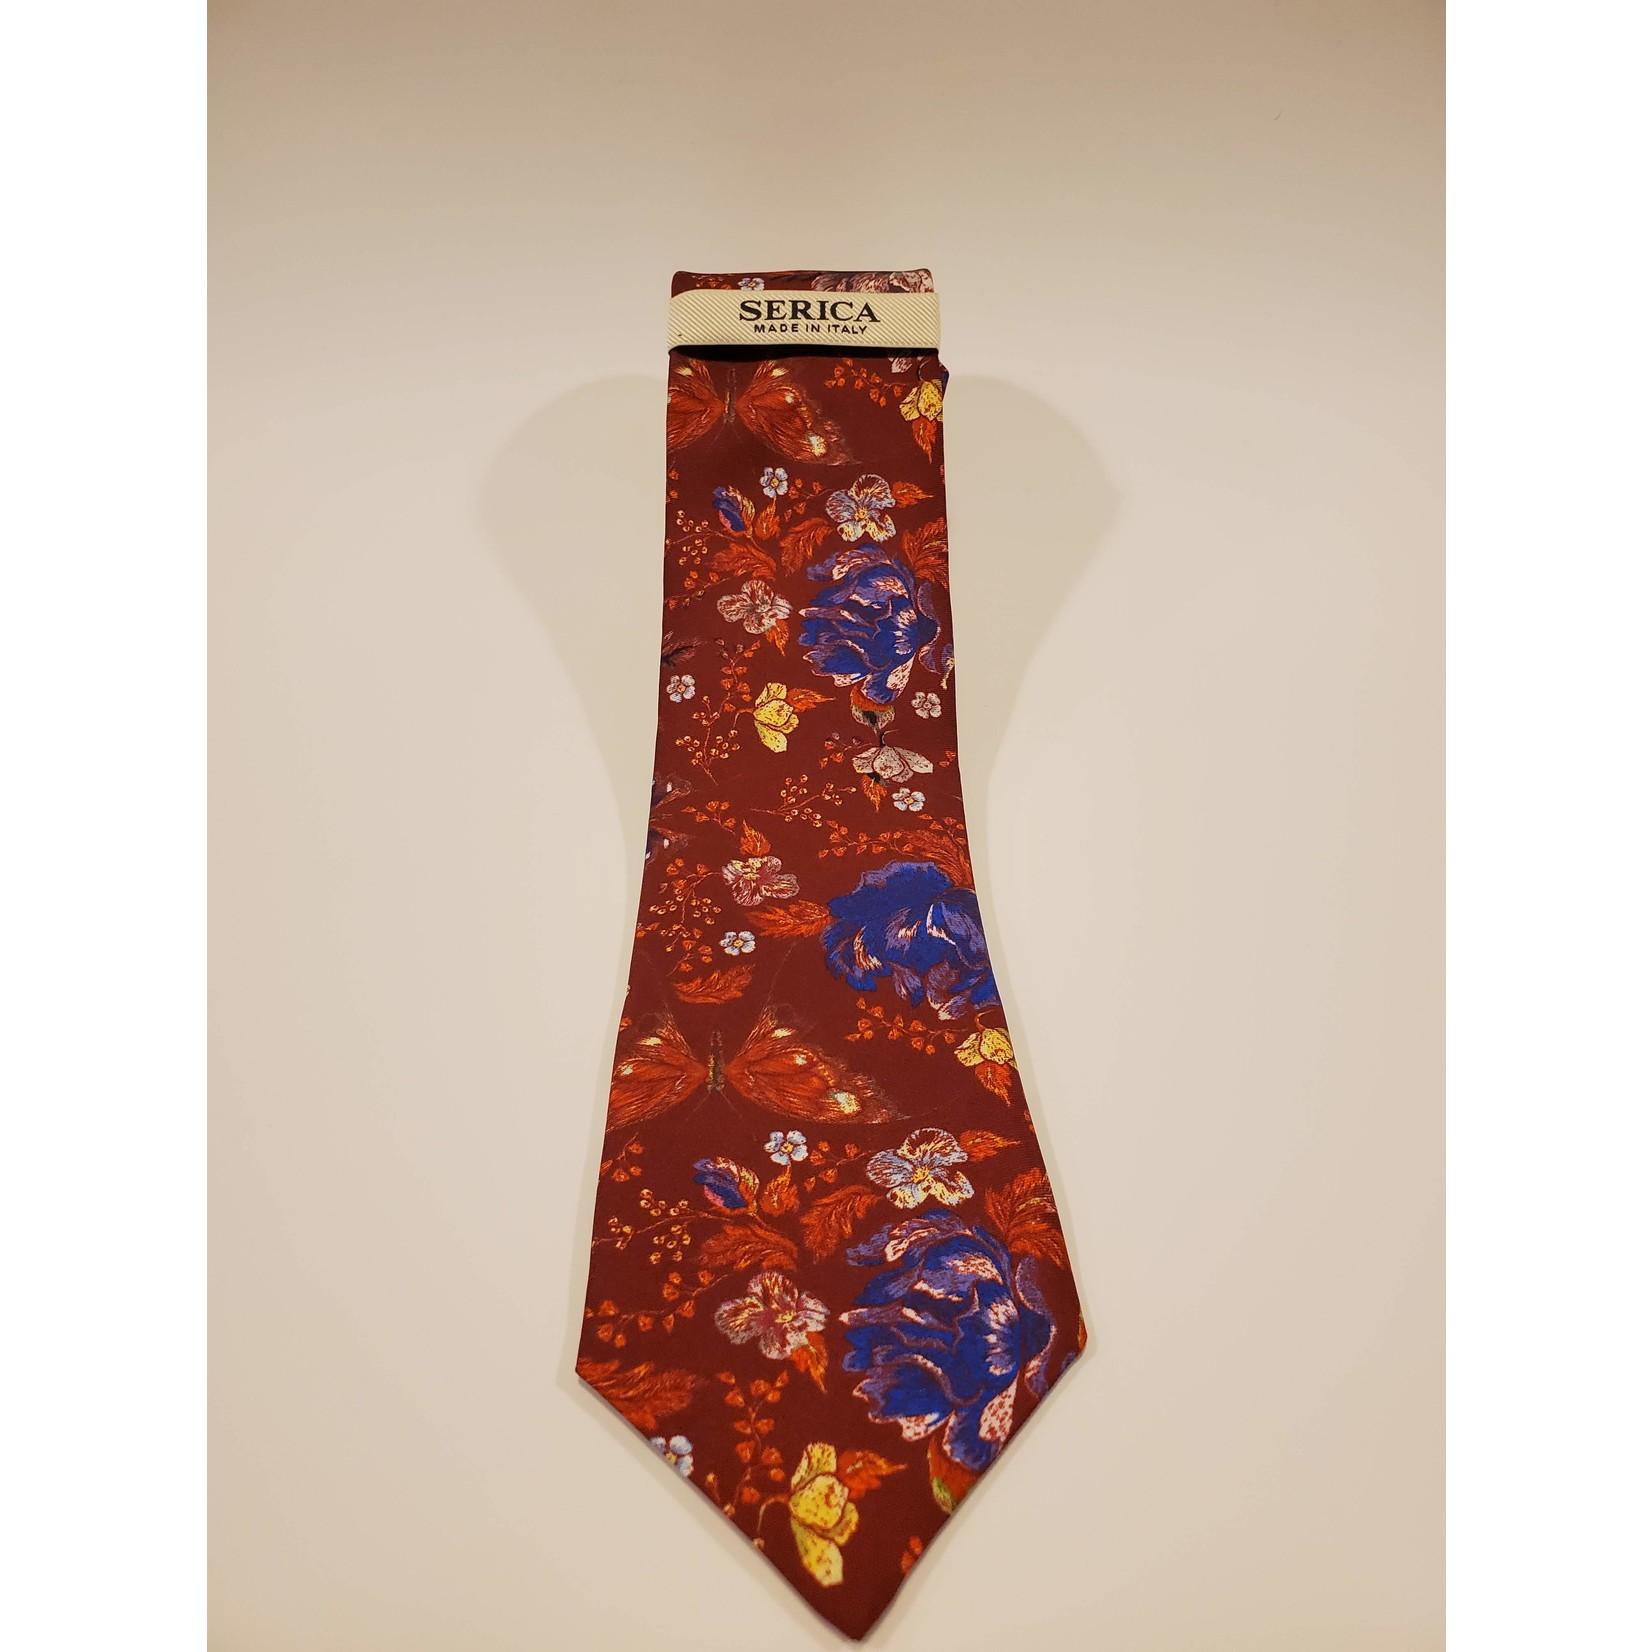 Serica 203213 Printed Floral Silk Tie